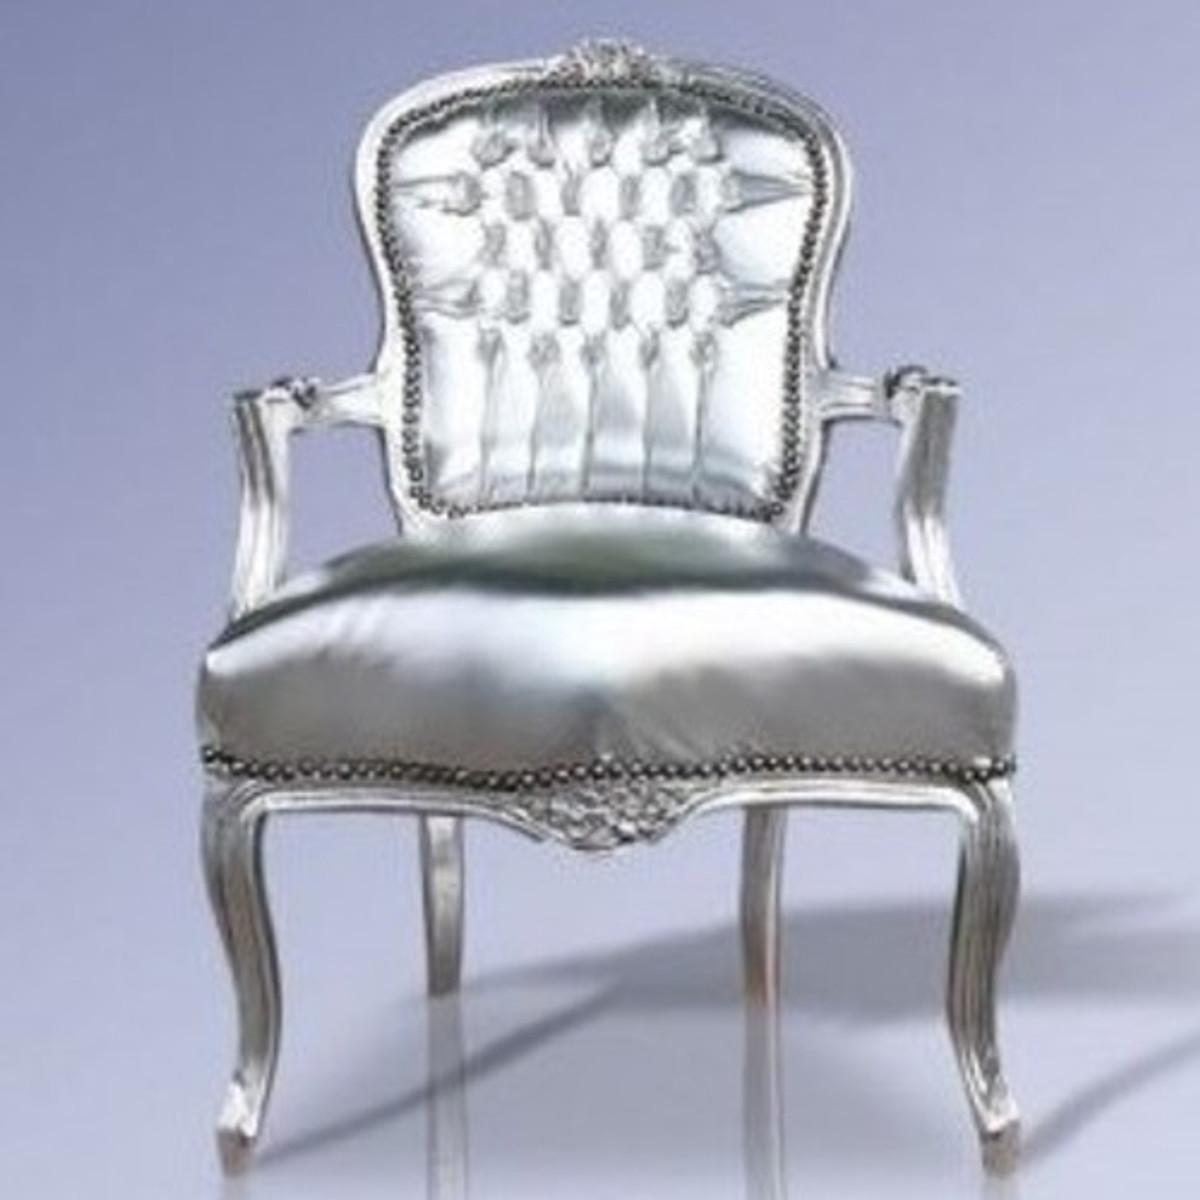 casa padrino barock salon stuhl silber lederoptik silber m bel antik stil st hle barock. Black Bedroom Furniture Sets. Home Design Ideas